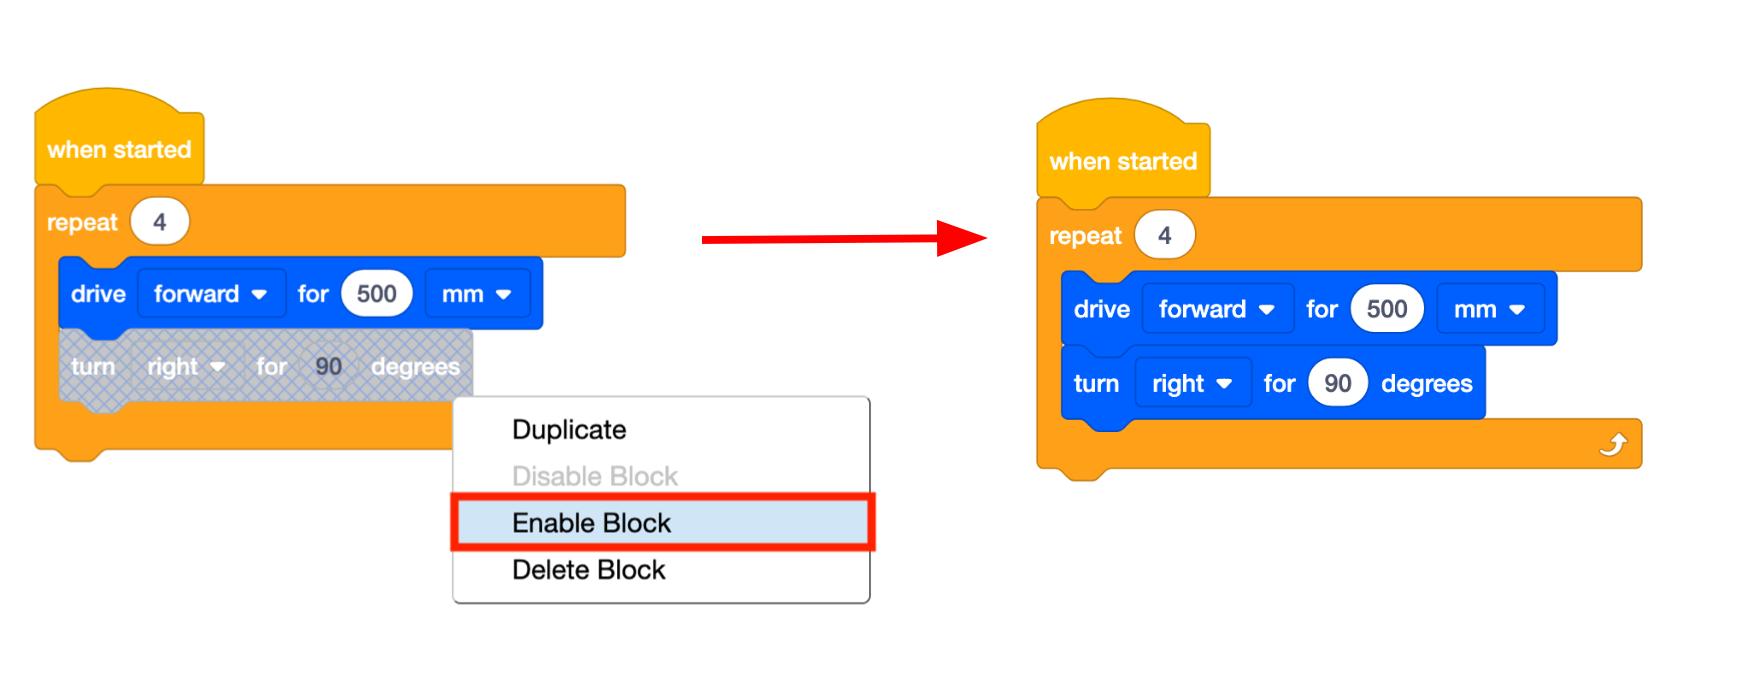 启用_一个_嵌套_指令块.png